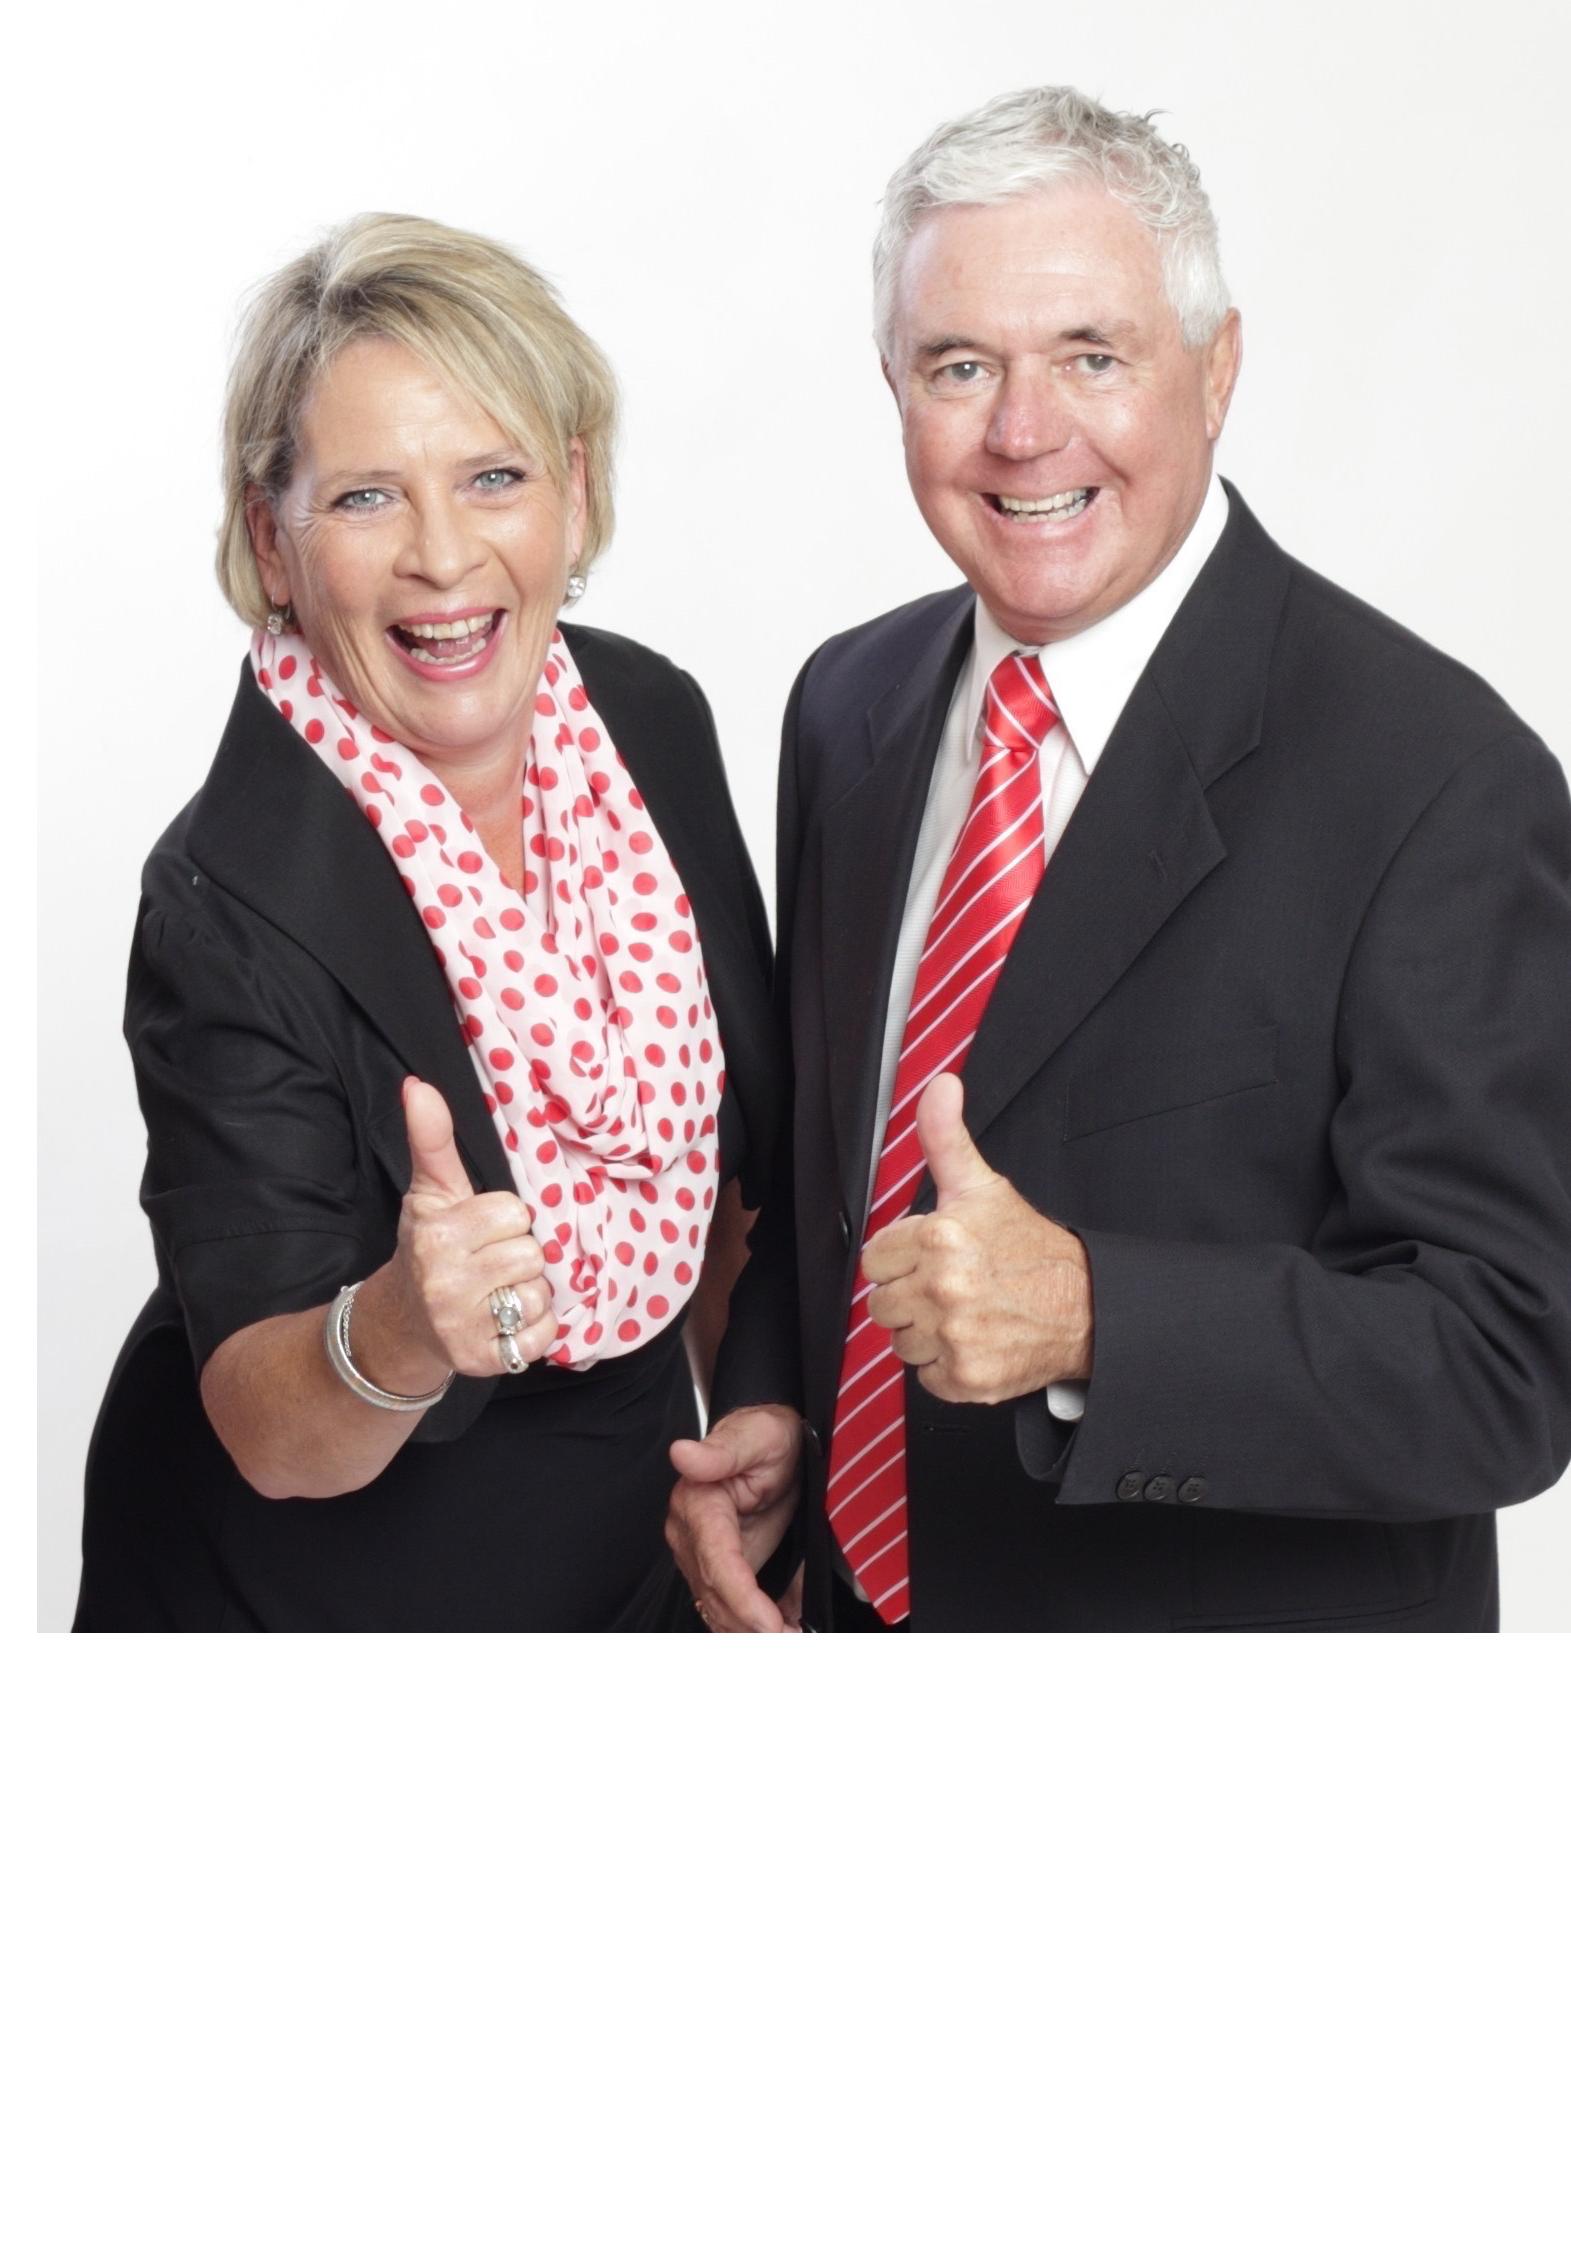 Norman Lloyd & Angie Stimson-Lloyd